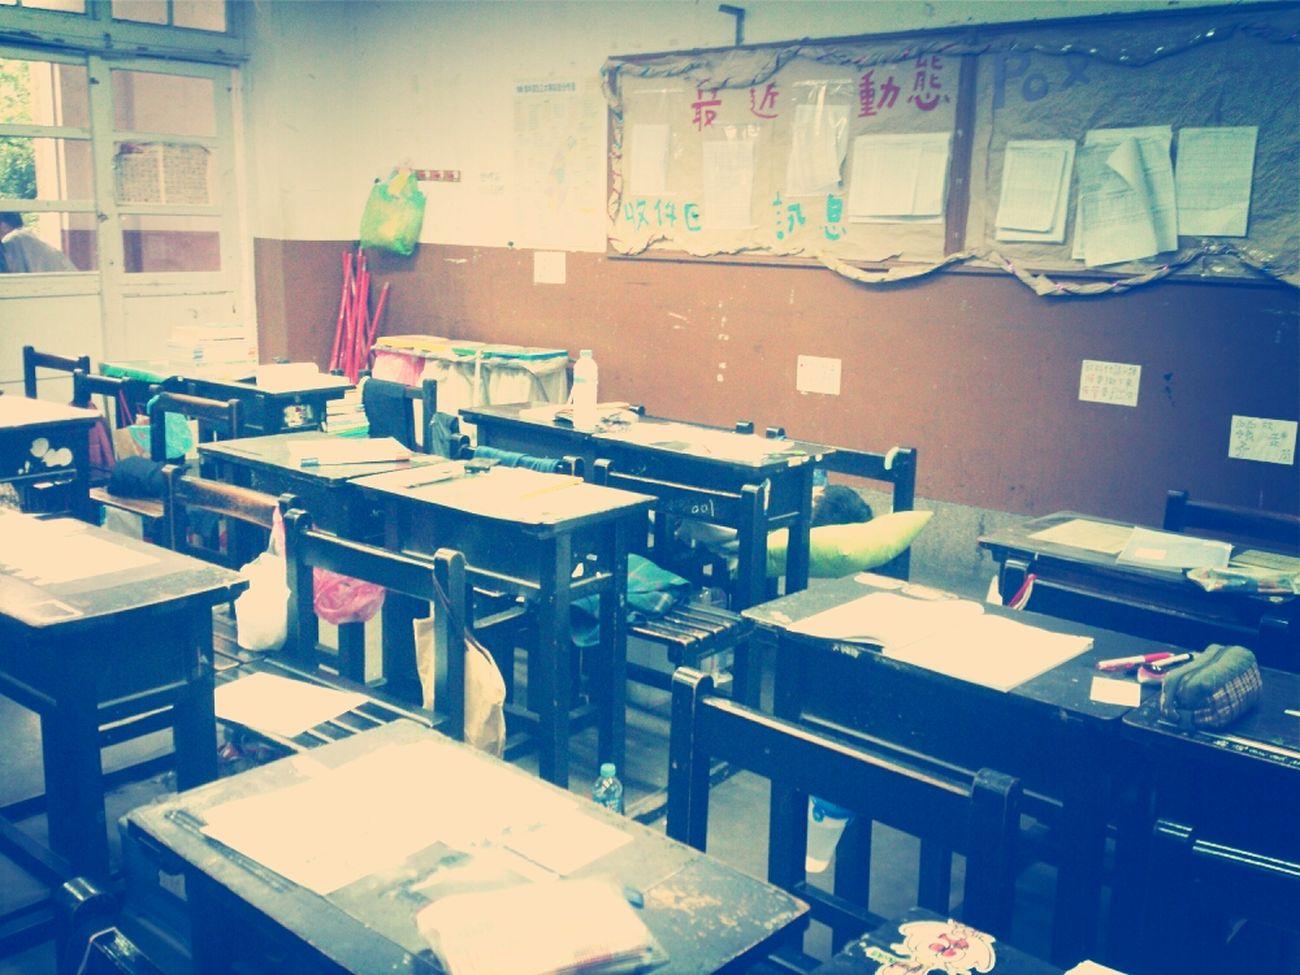 6個人的教室